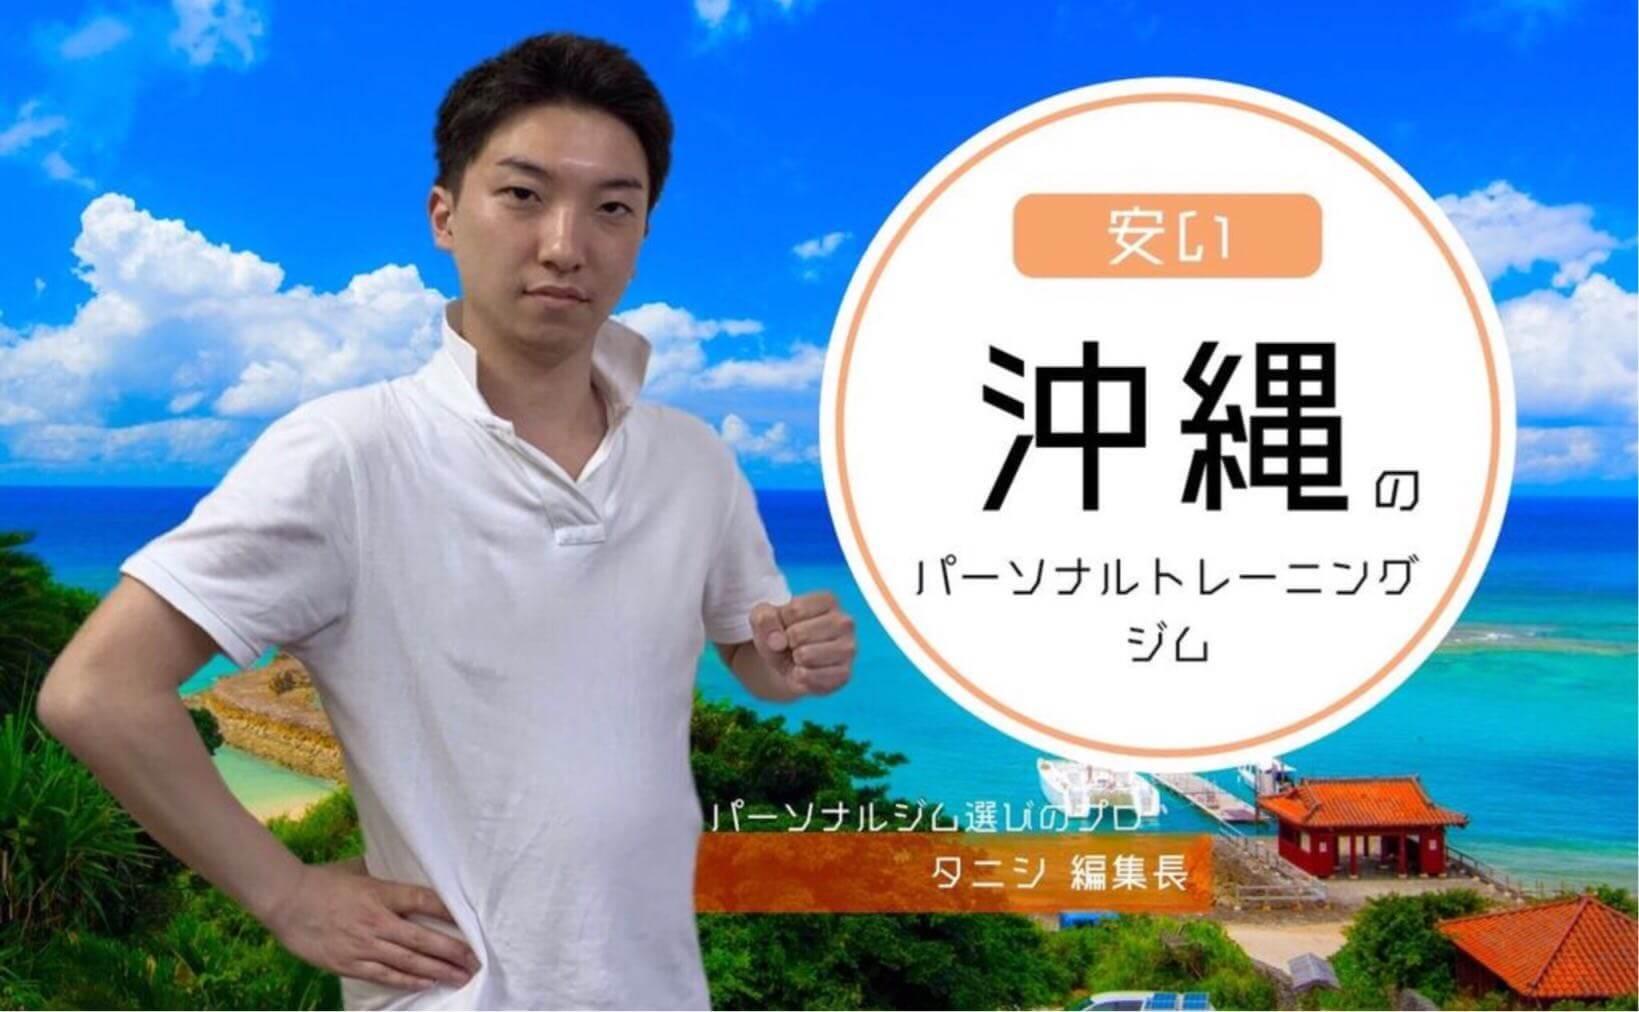 【月額8万以下】格安!料金が安い沖縄(那覇)のパーソナルトレーニングジム4選